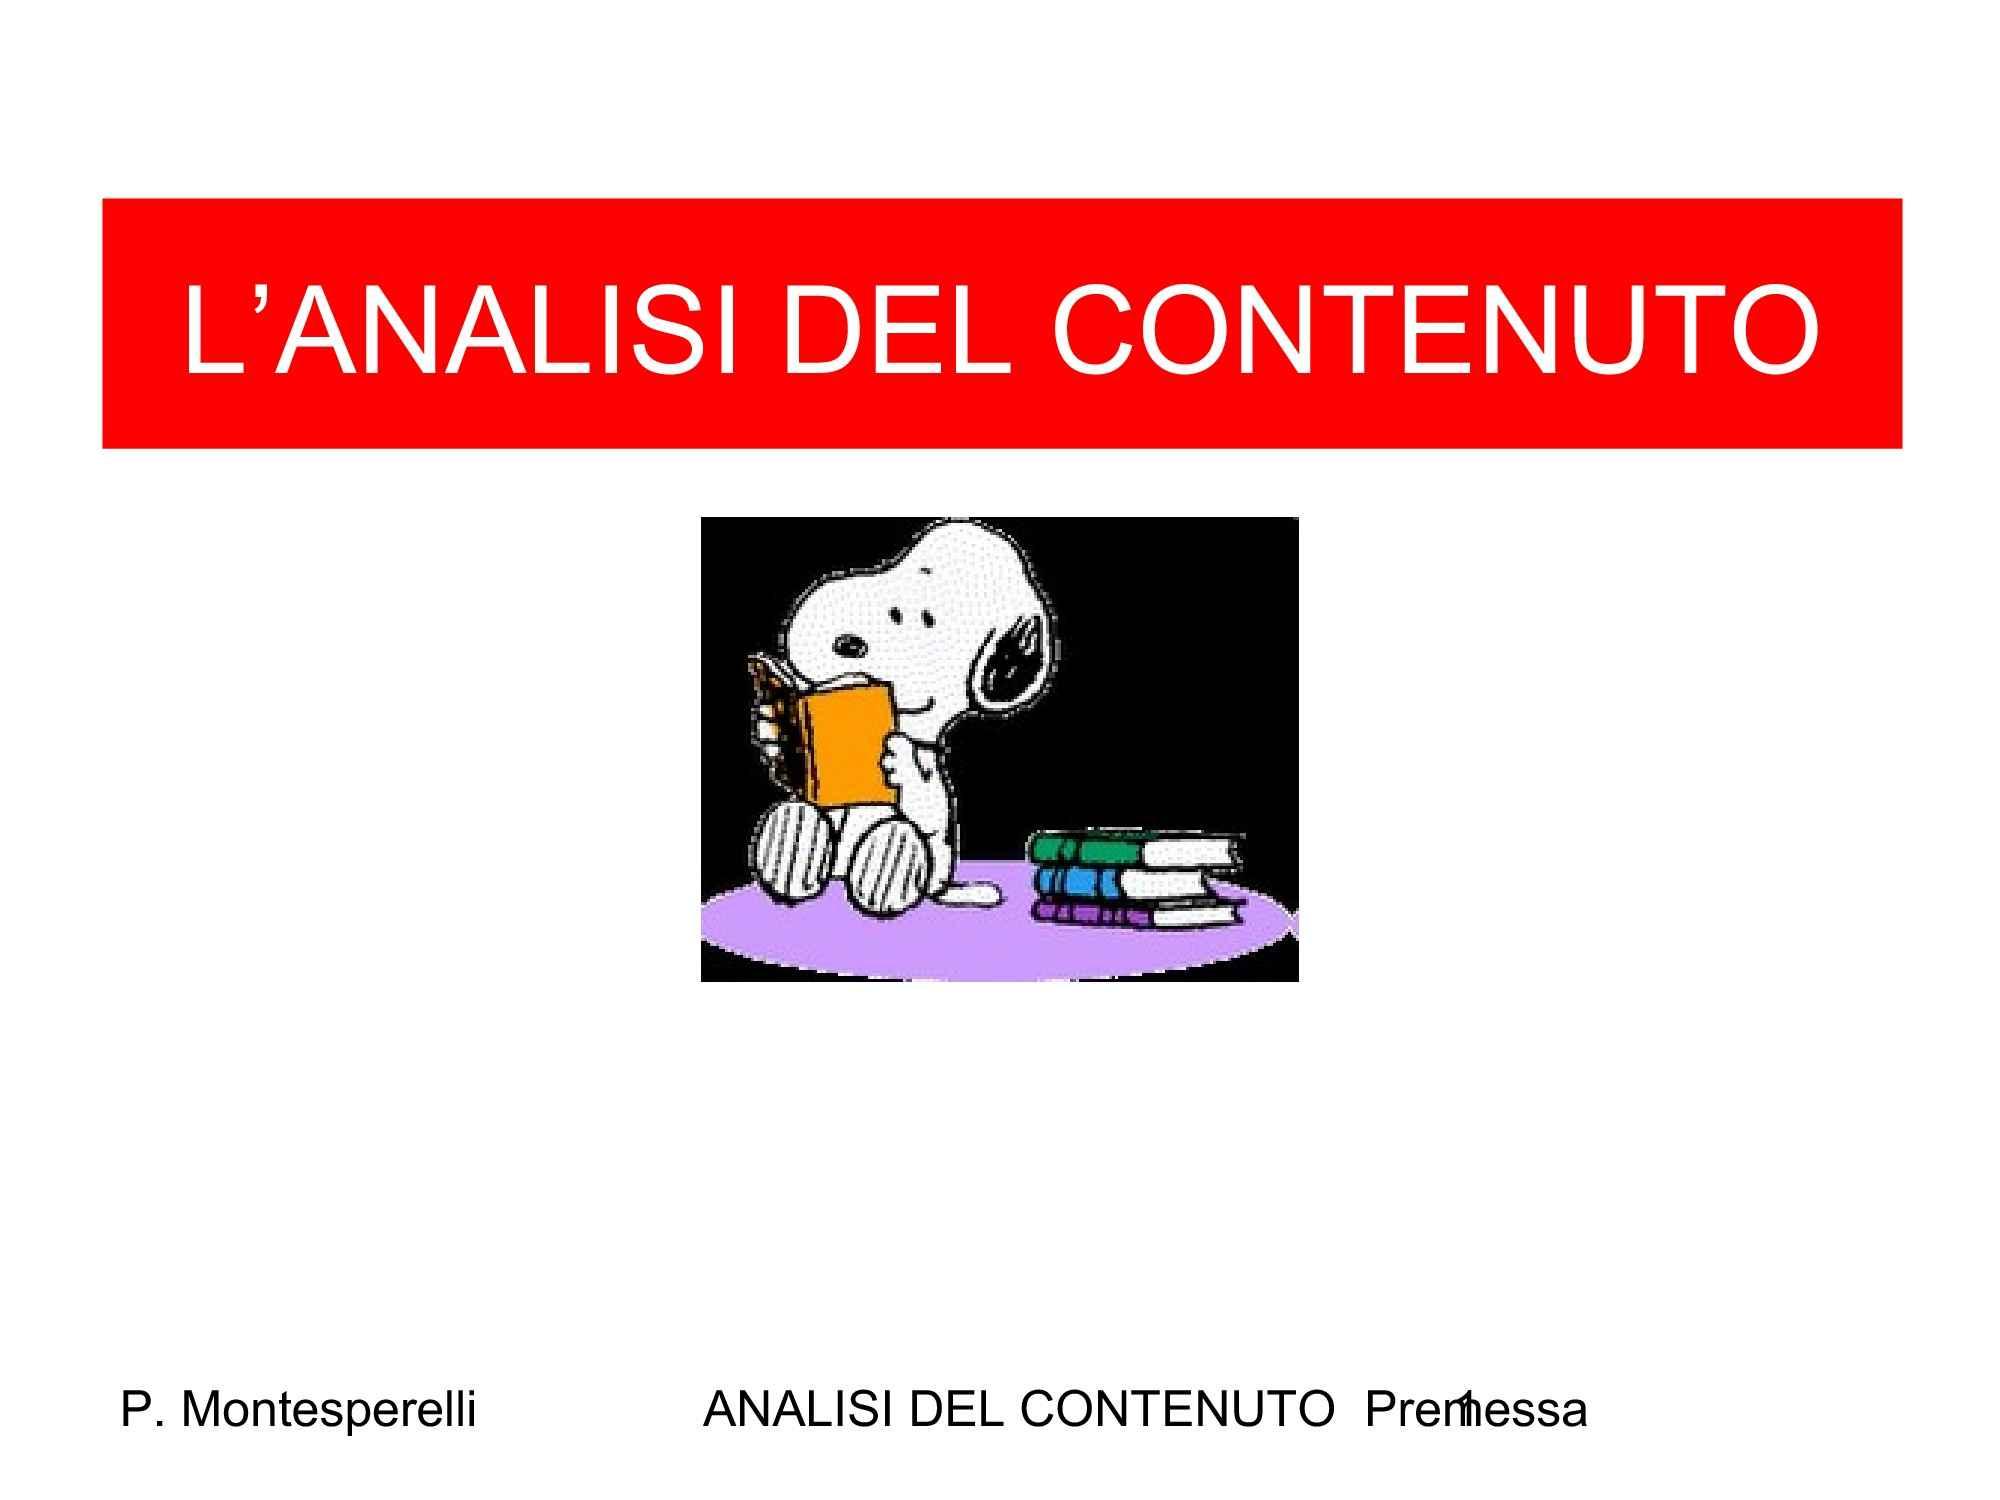 Analisi contenuto - Premessa